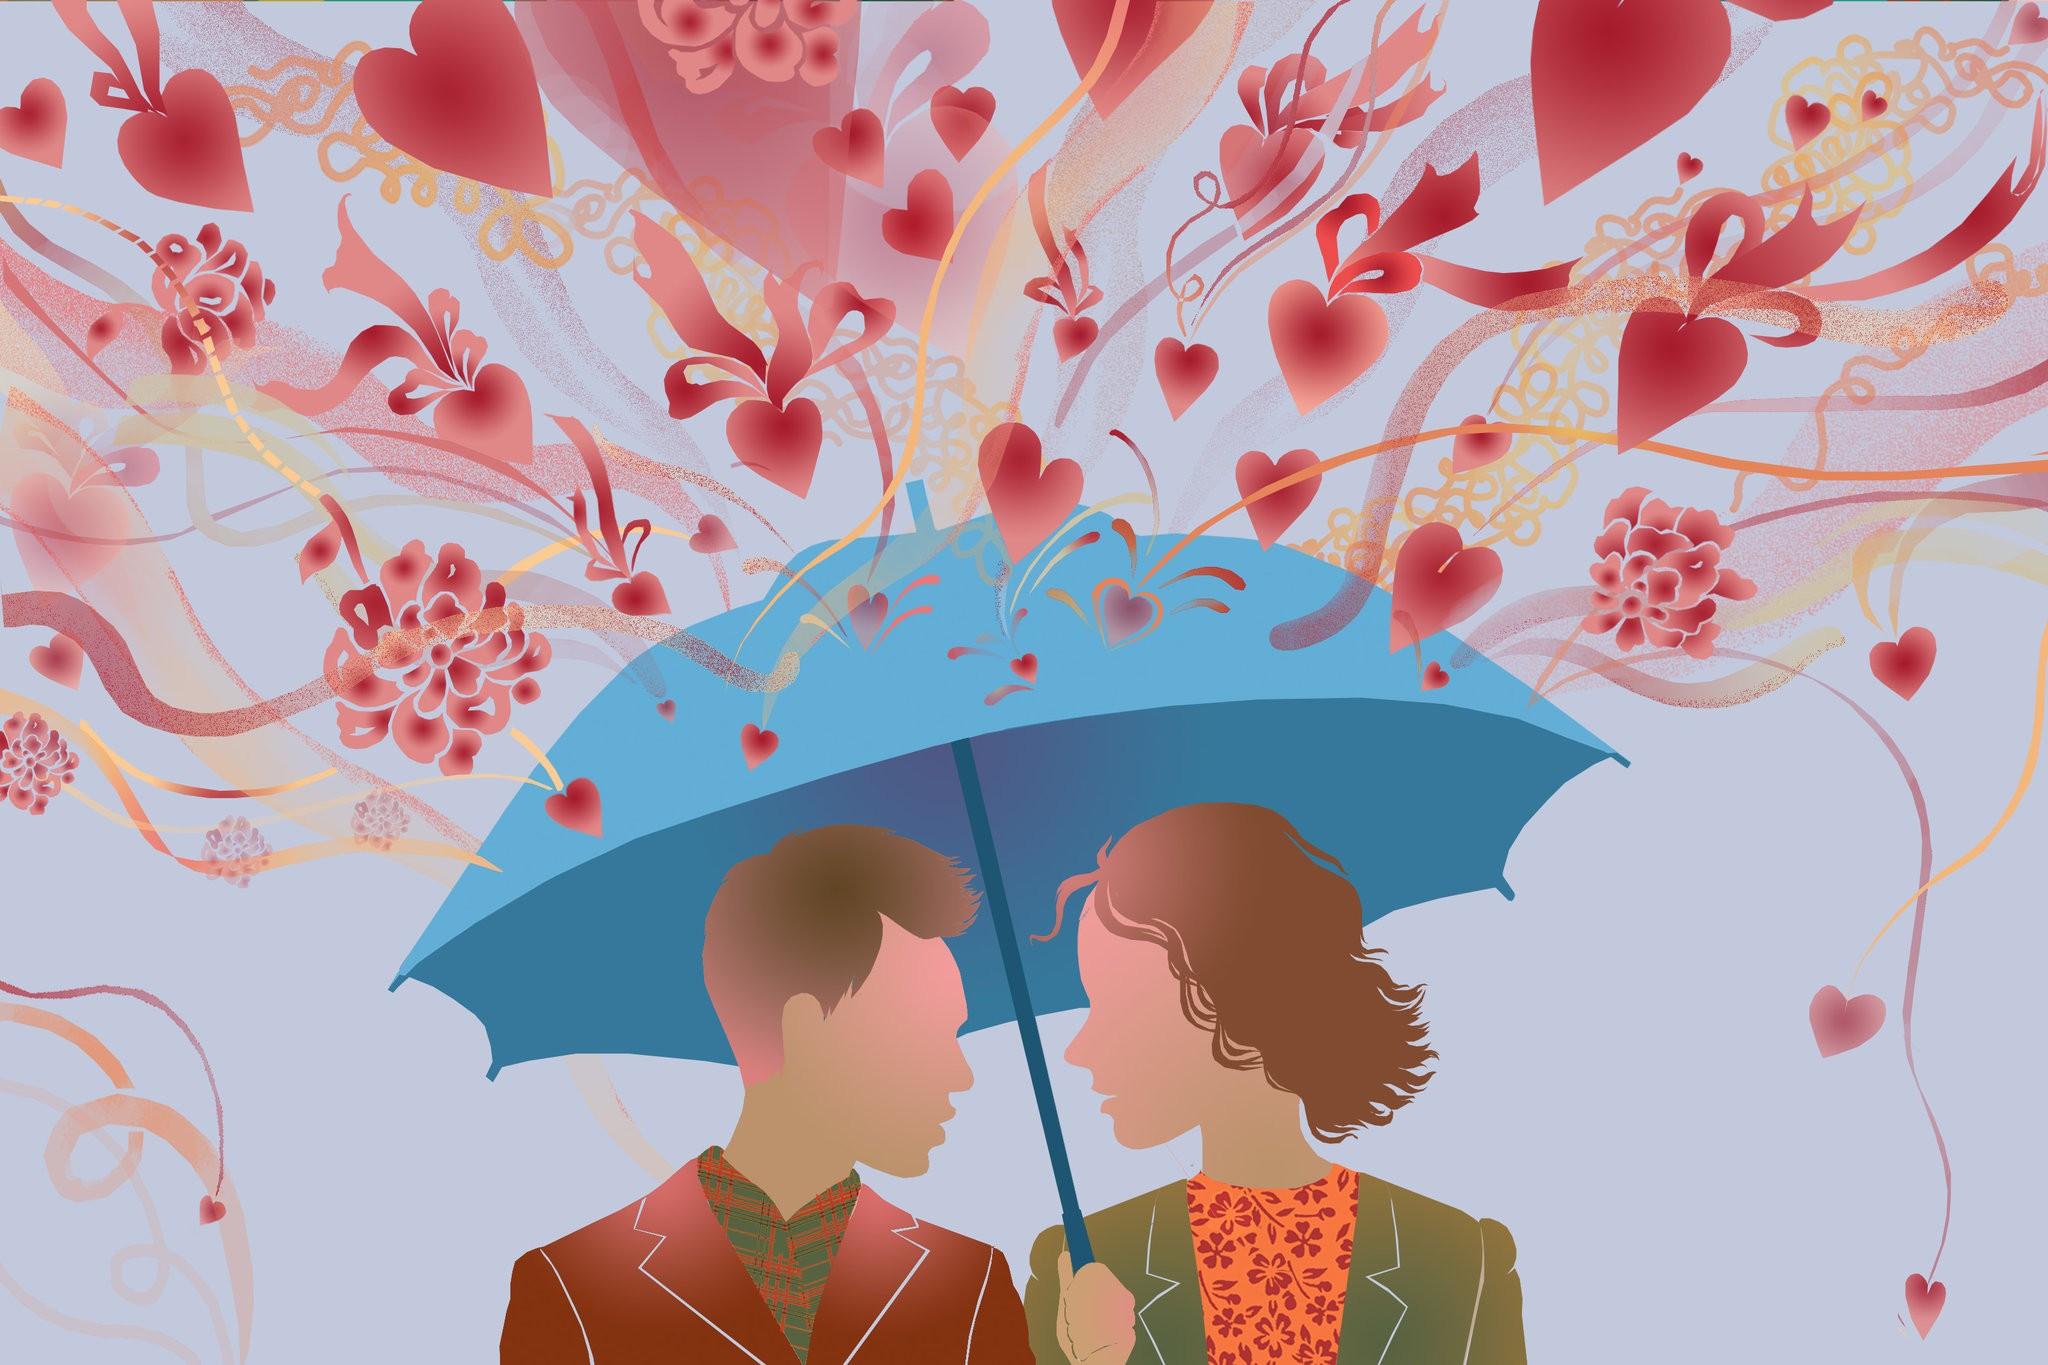 Against Romance: An Un-Valentine